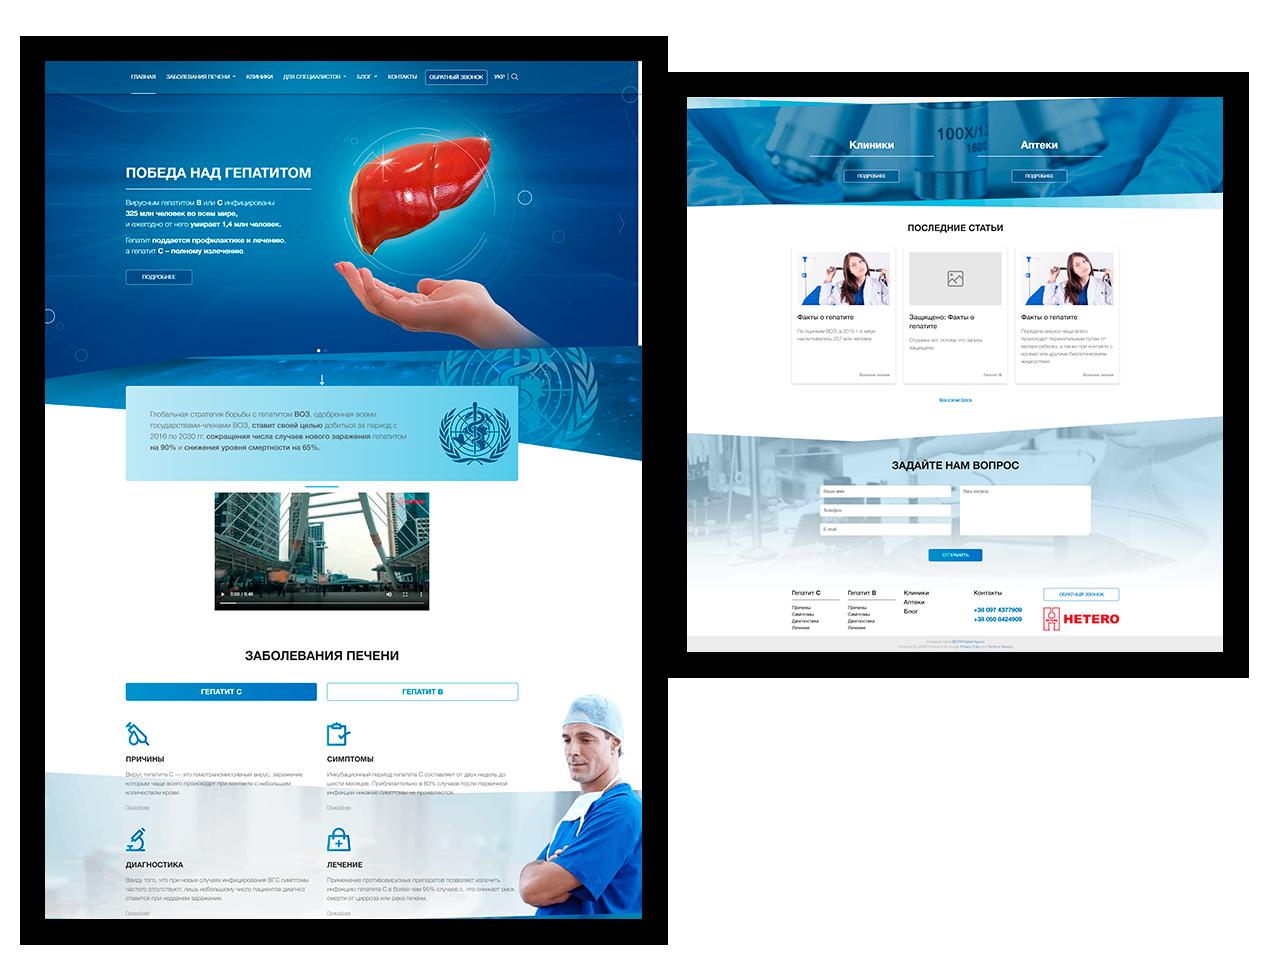 Розробка інформаційного медичного сайту